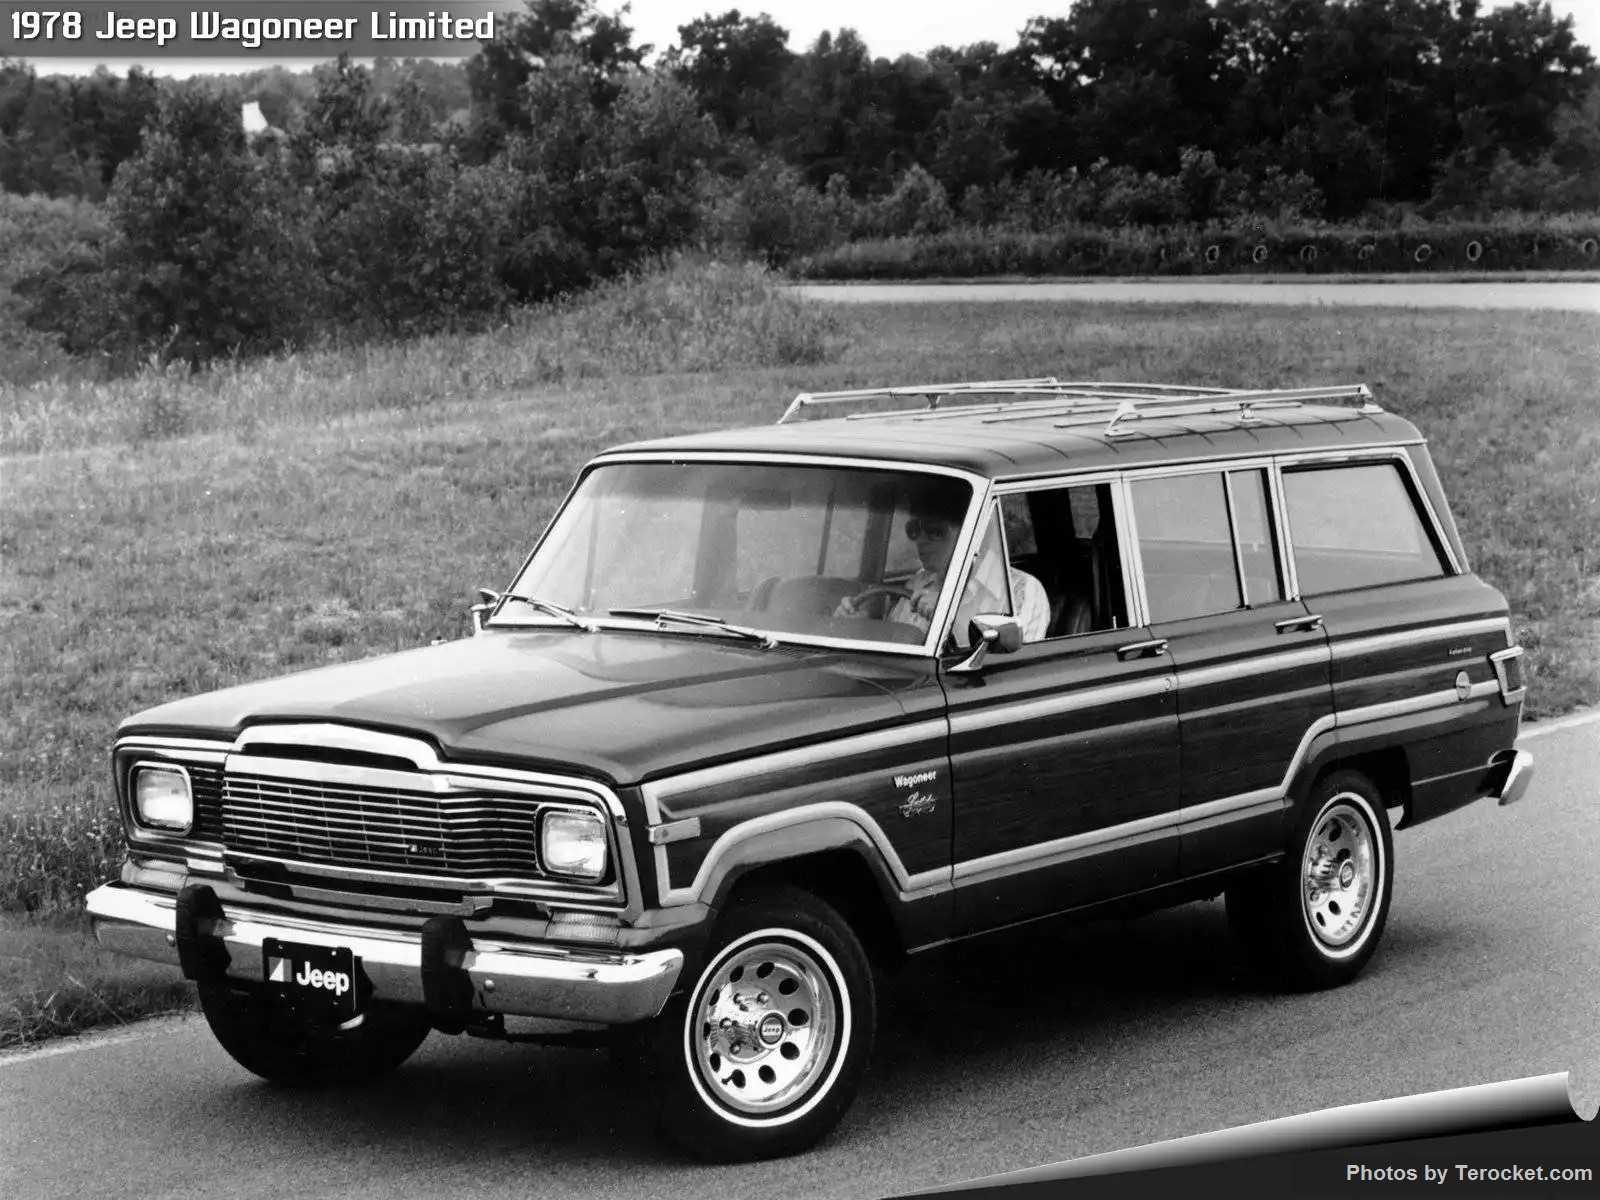 Hình ảnh xe ô tô Jeep Wagoneer Limited 1978 & nội ngoại thất